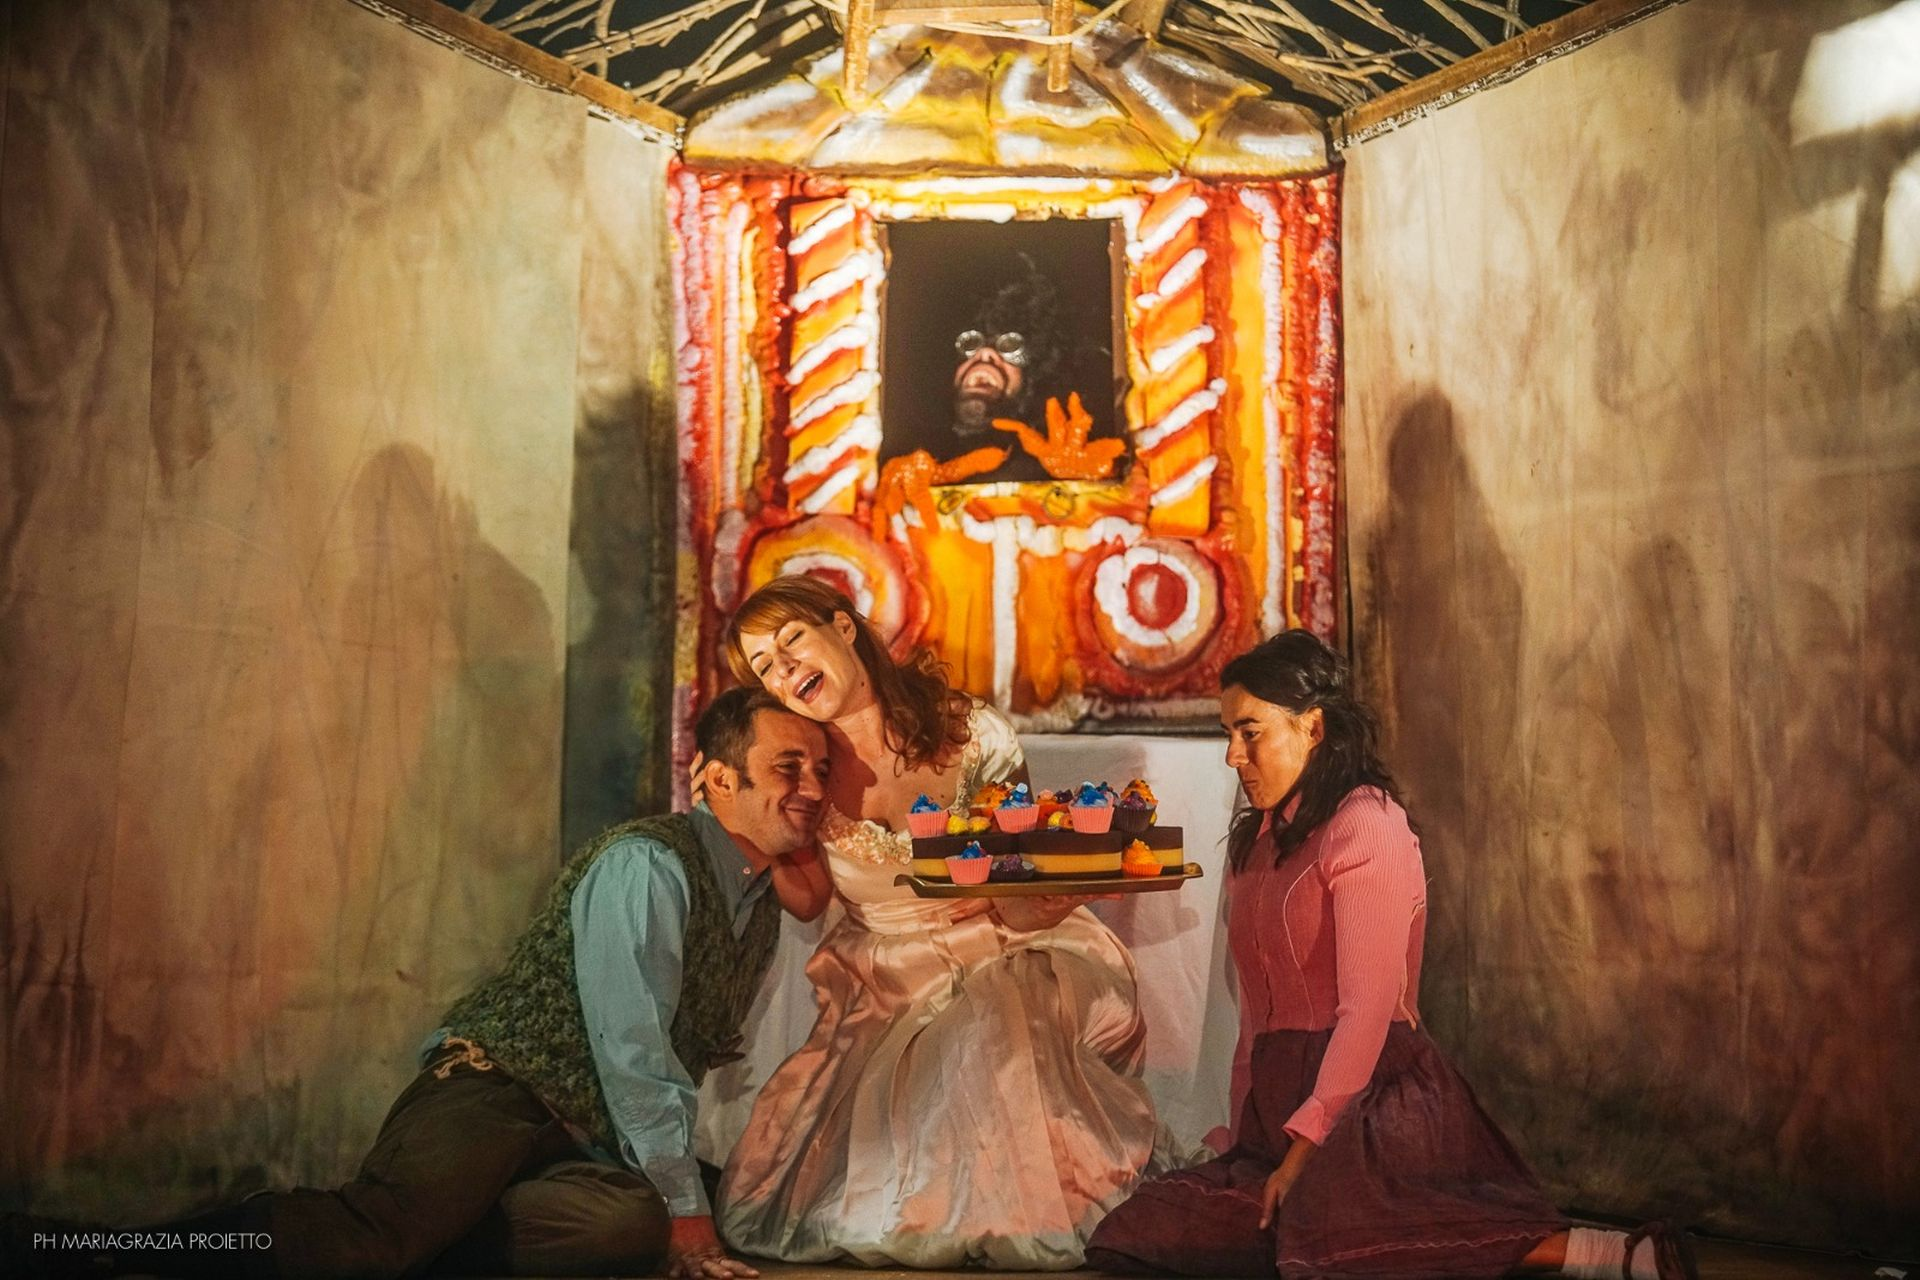 La-storia-di-Hansel-e-Gretel-ph-Mariagrazia-Proietto-11